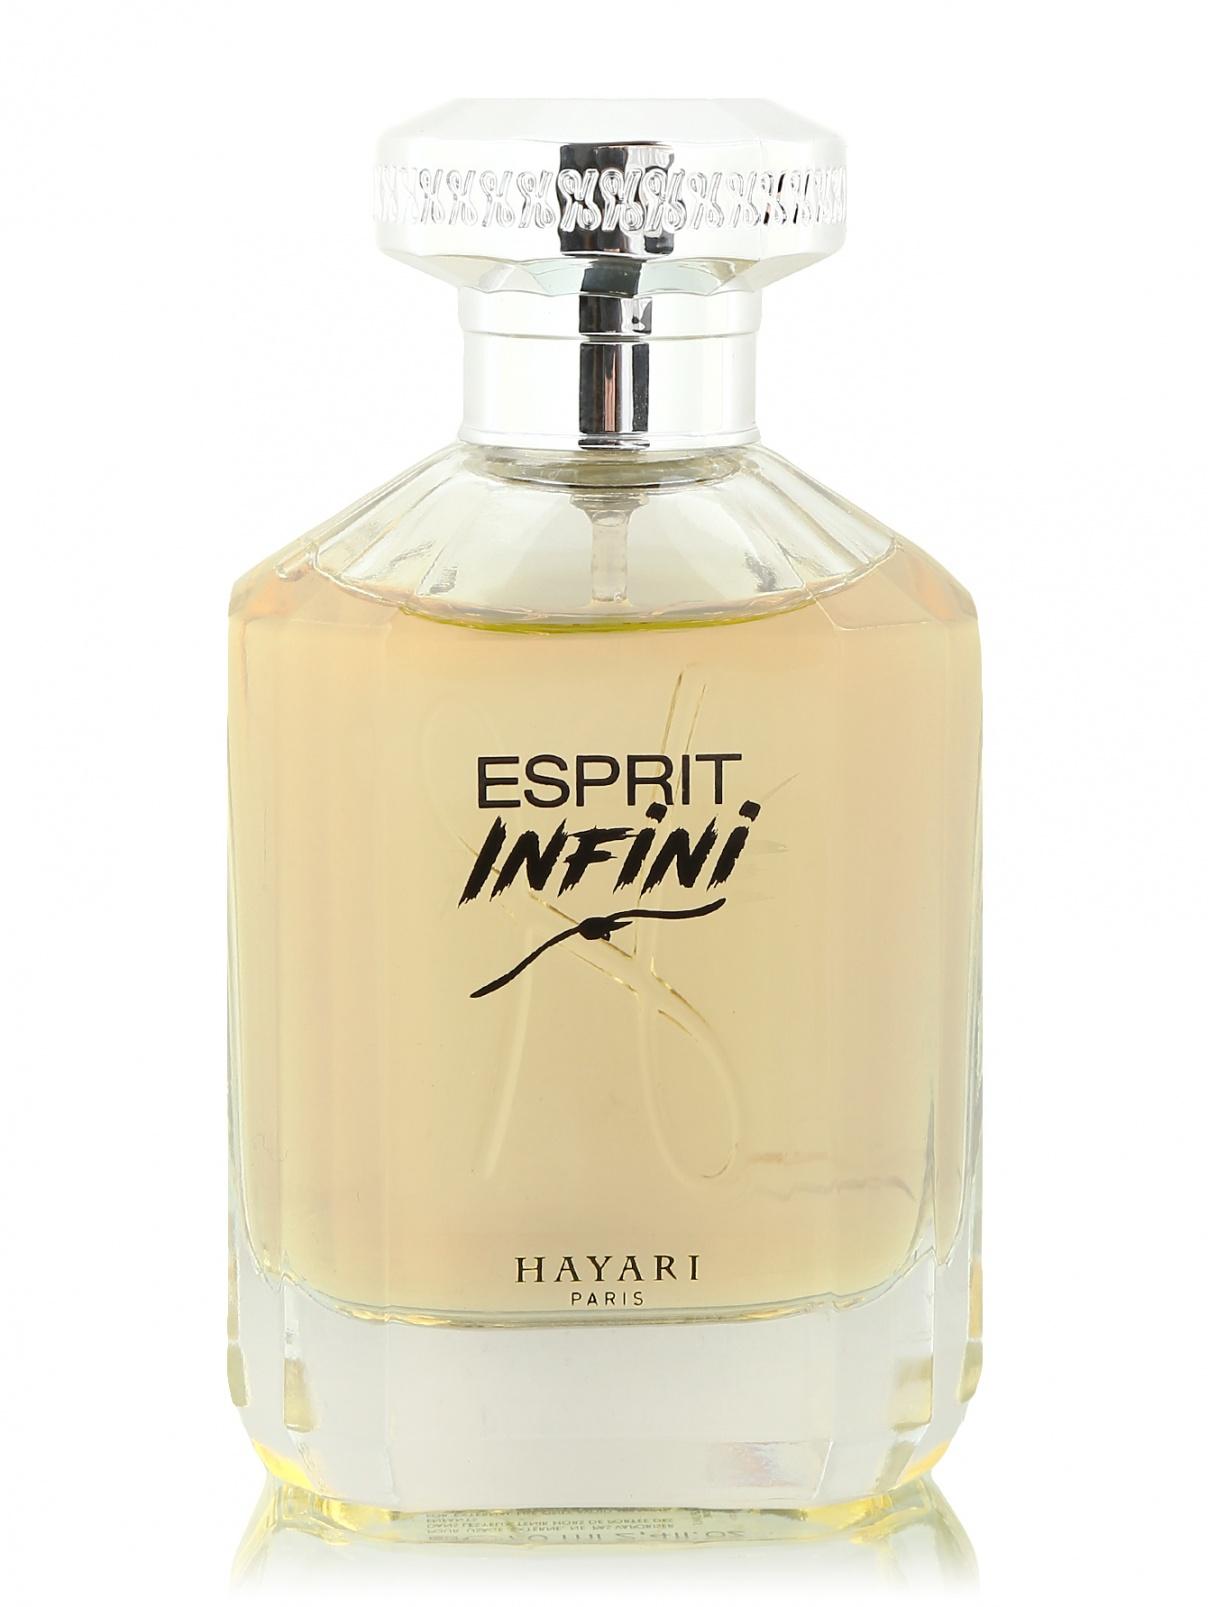 Парфюмерная вода 70 мл Esprit Infini Hayari Parfums  –  Общий вид